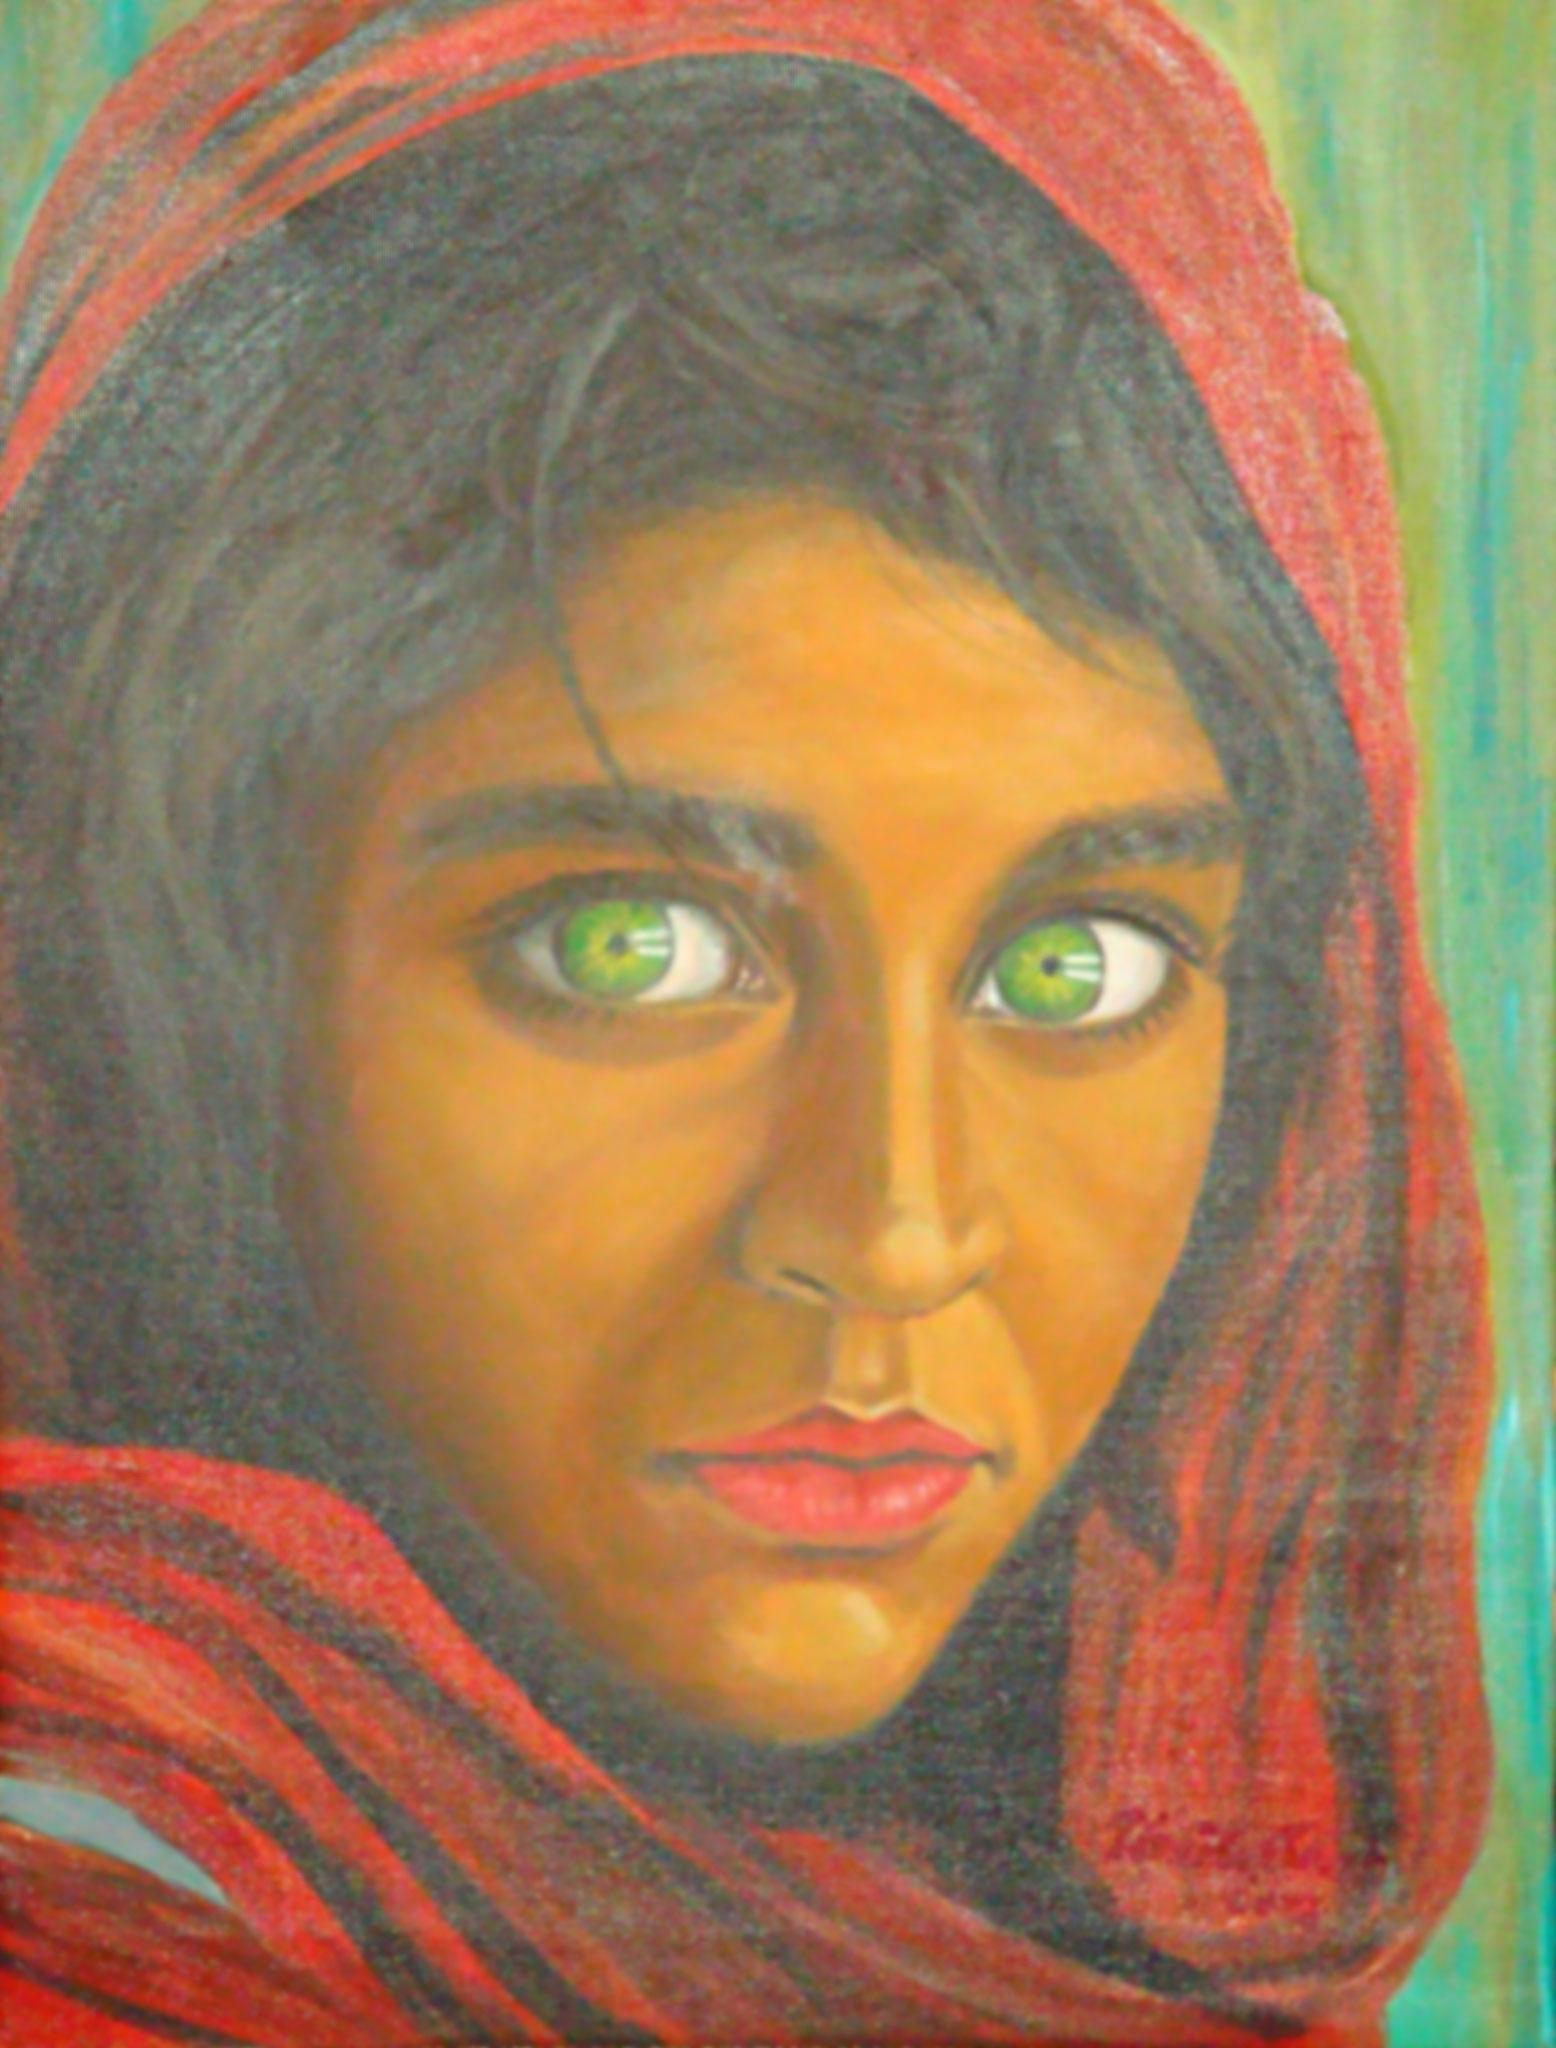 Flüchtlingsmädchen  Sharbat Gula aus Afghanistan    (Technik: Öl         Leinwand: 70 X 50 cm)